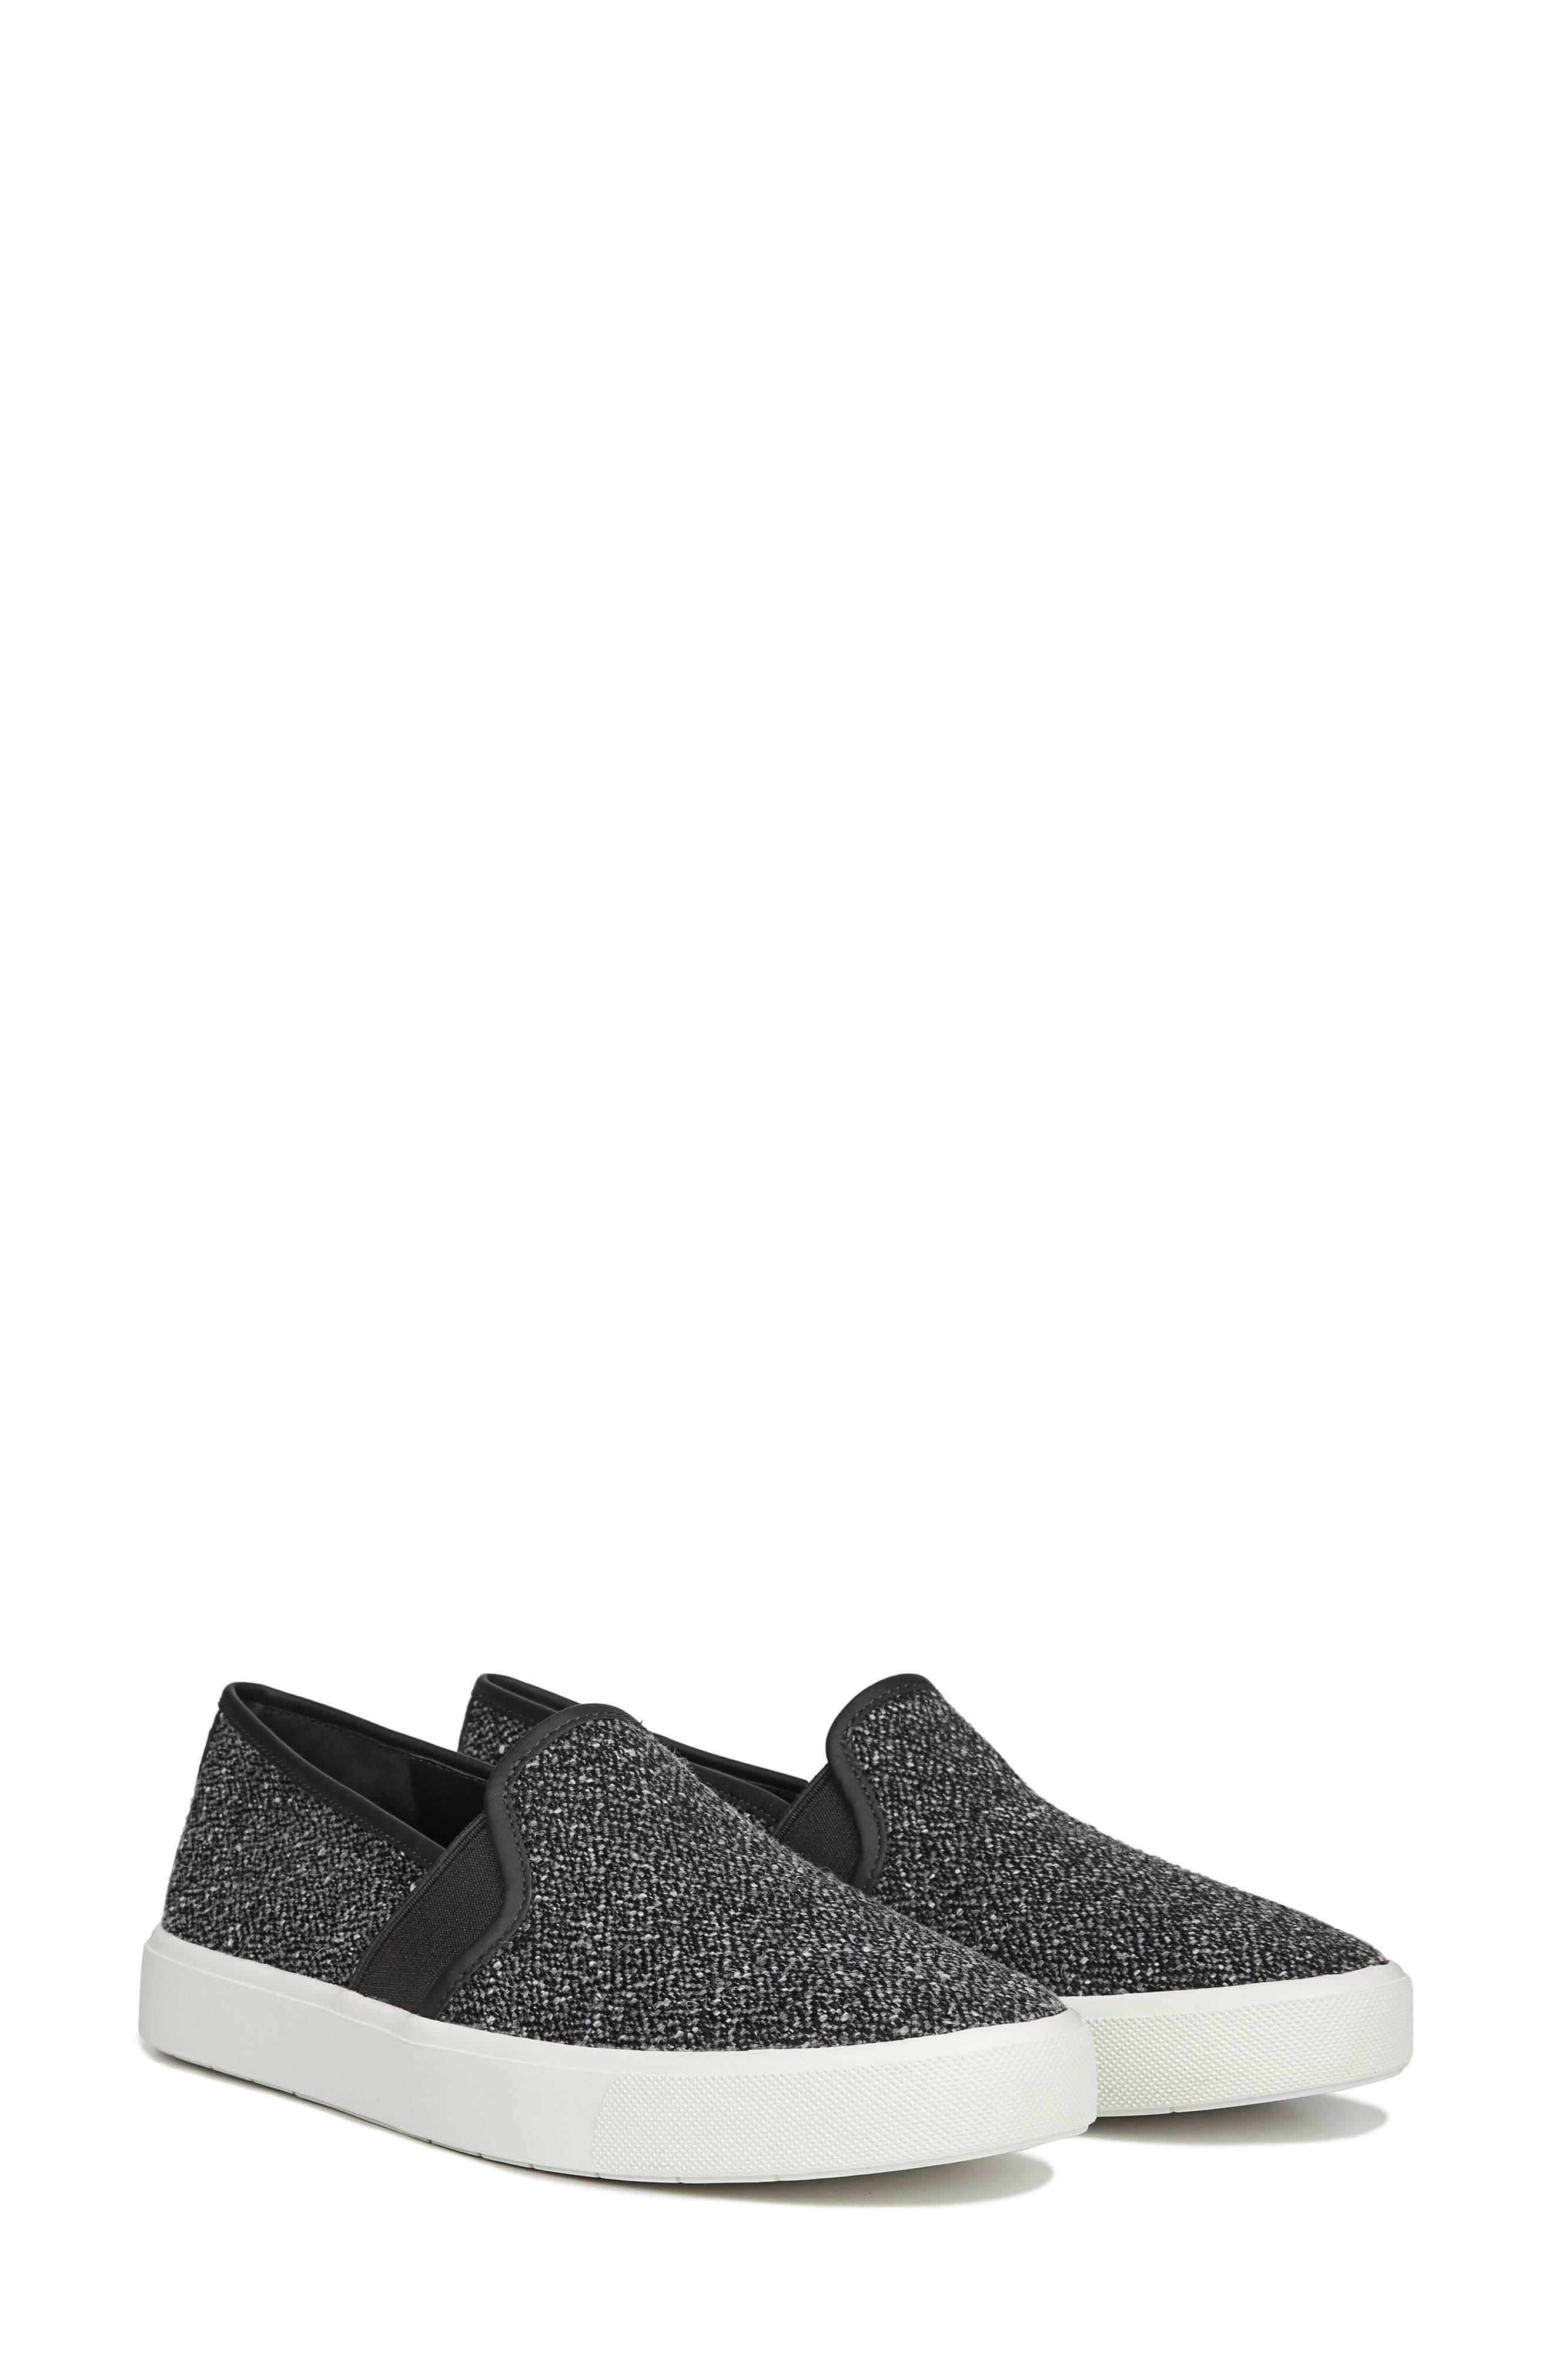 Blair 5 Slip-On Sneaker,                             Alternate thumbnail 6, color,                             GREY